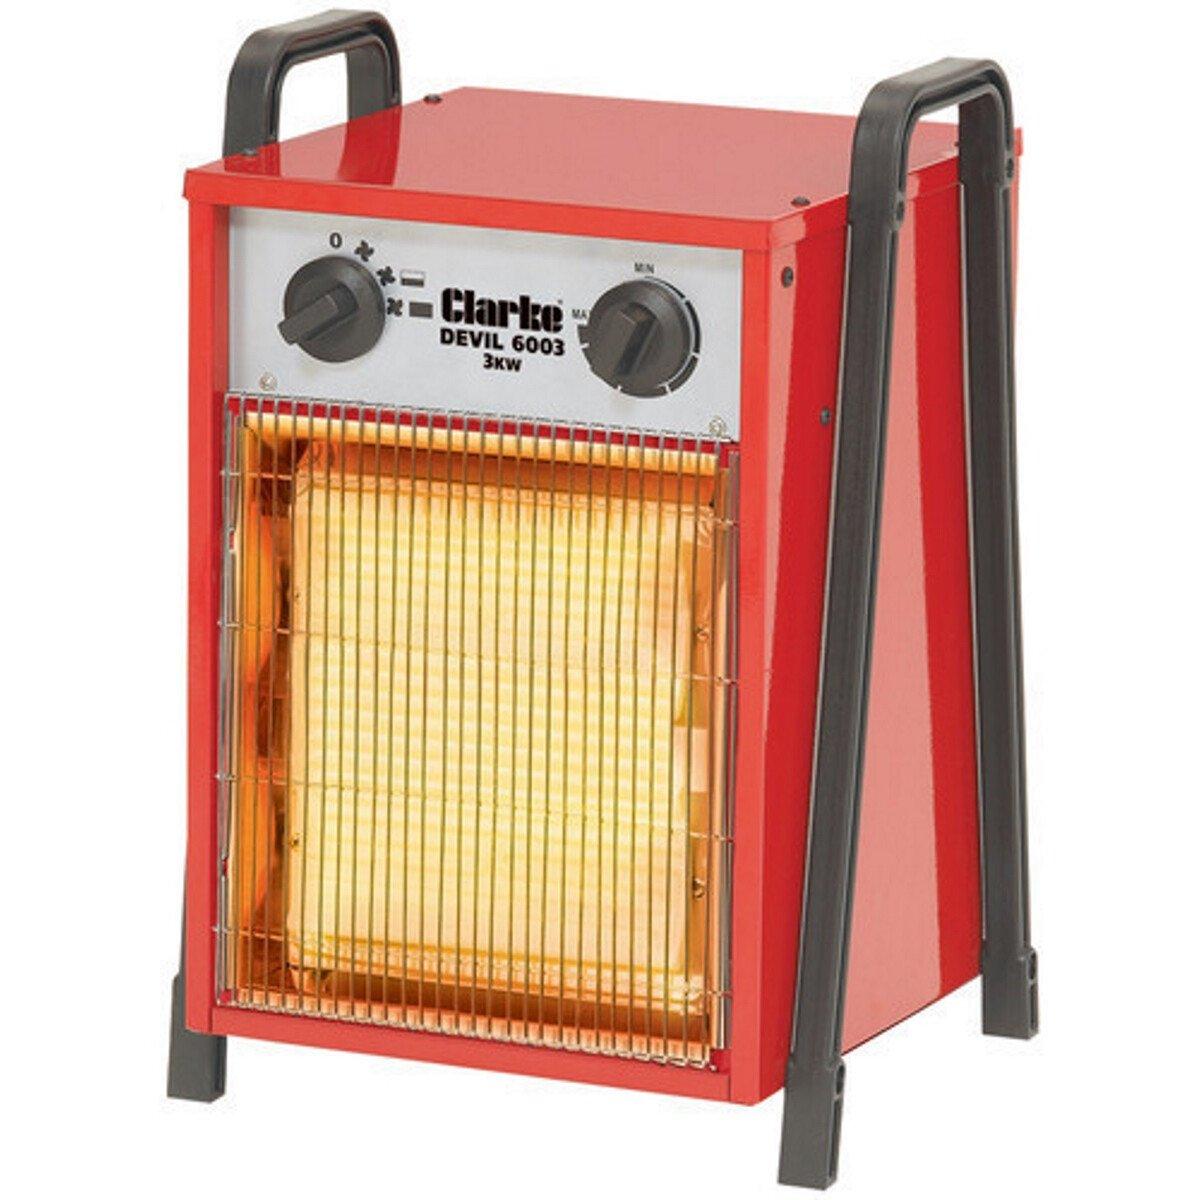 Clarke Devil 6003 Industrial 3kW Electric Fan Heater 1Ph 6925220